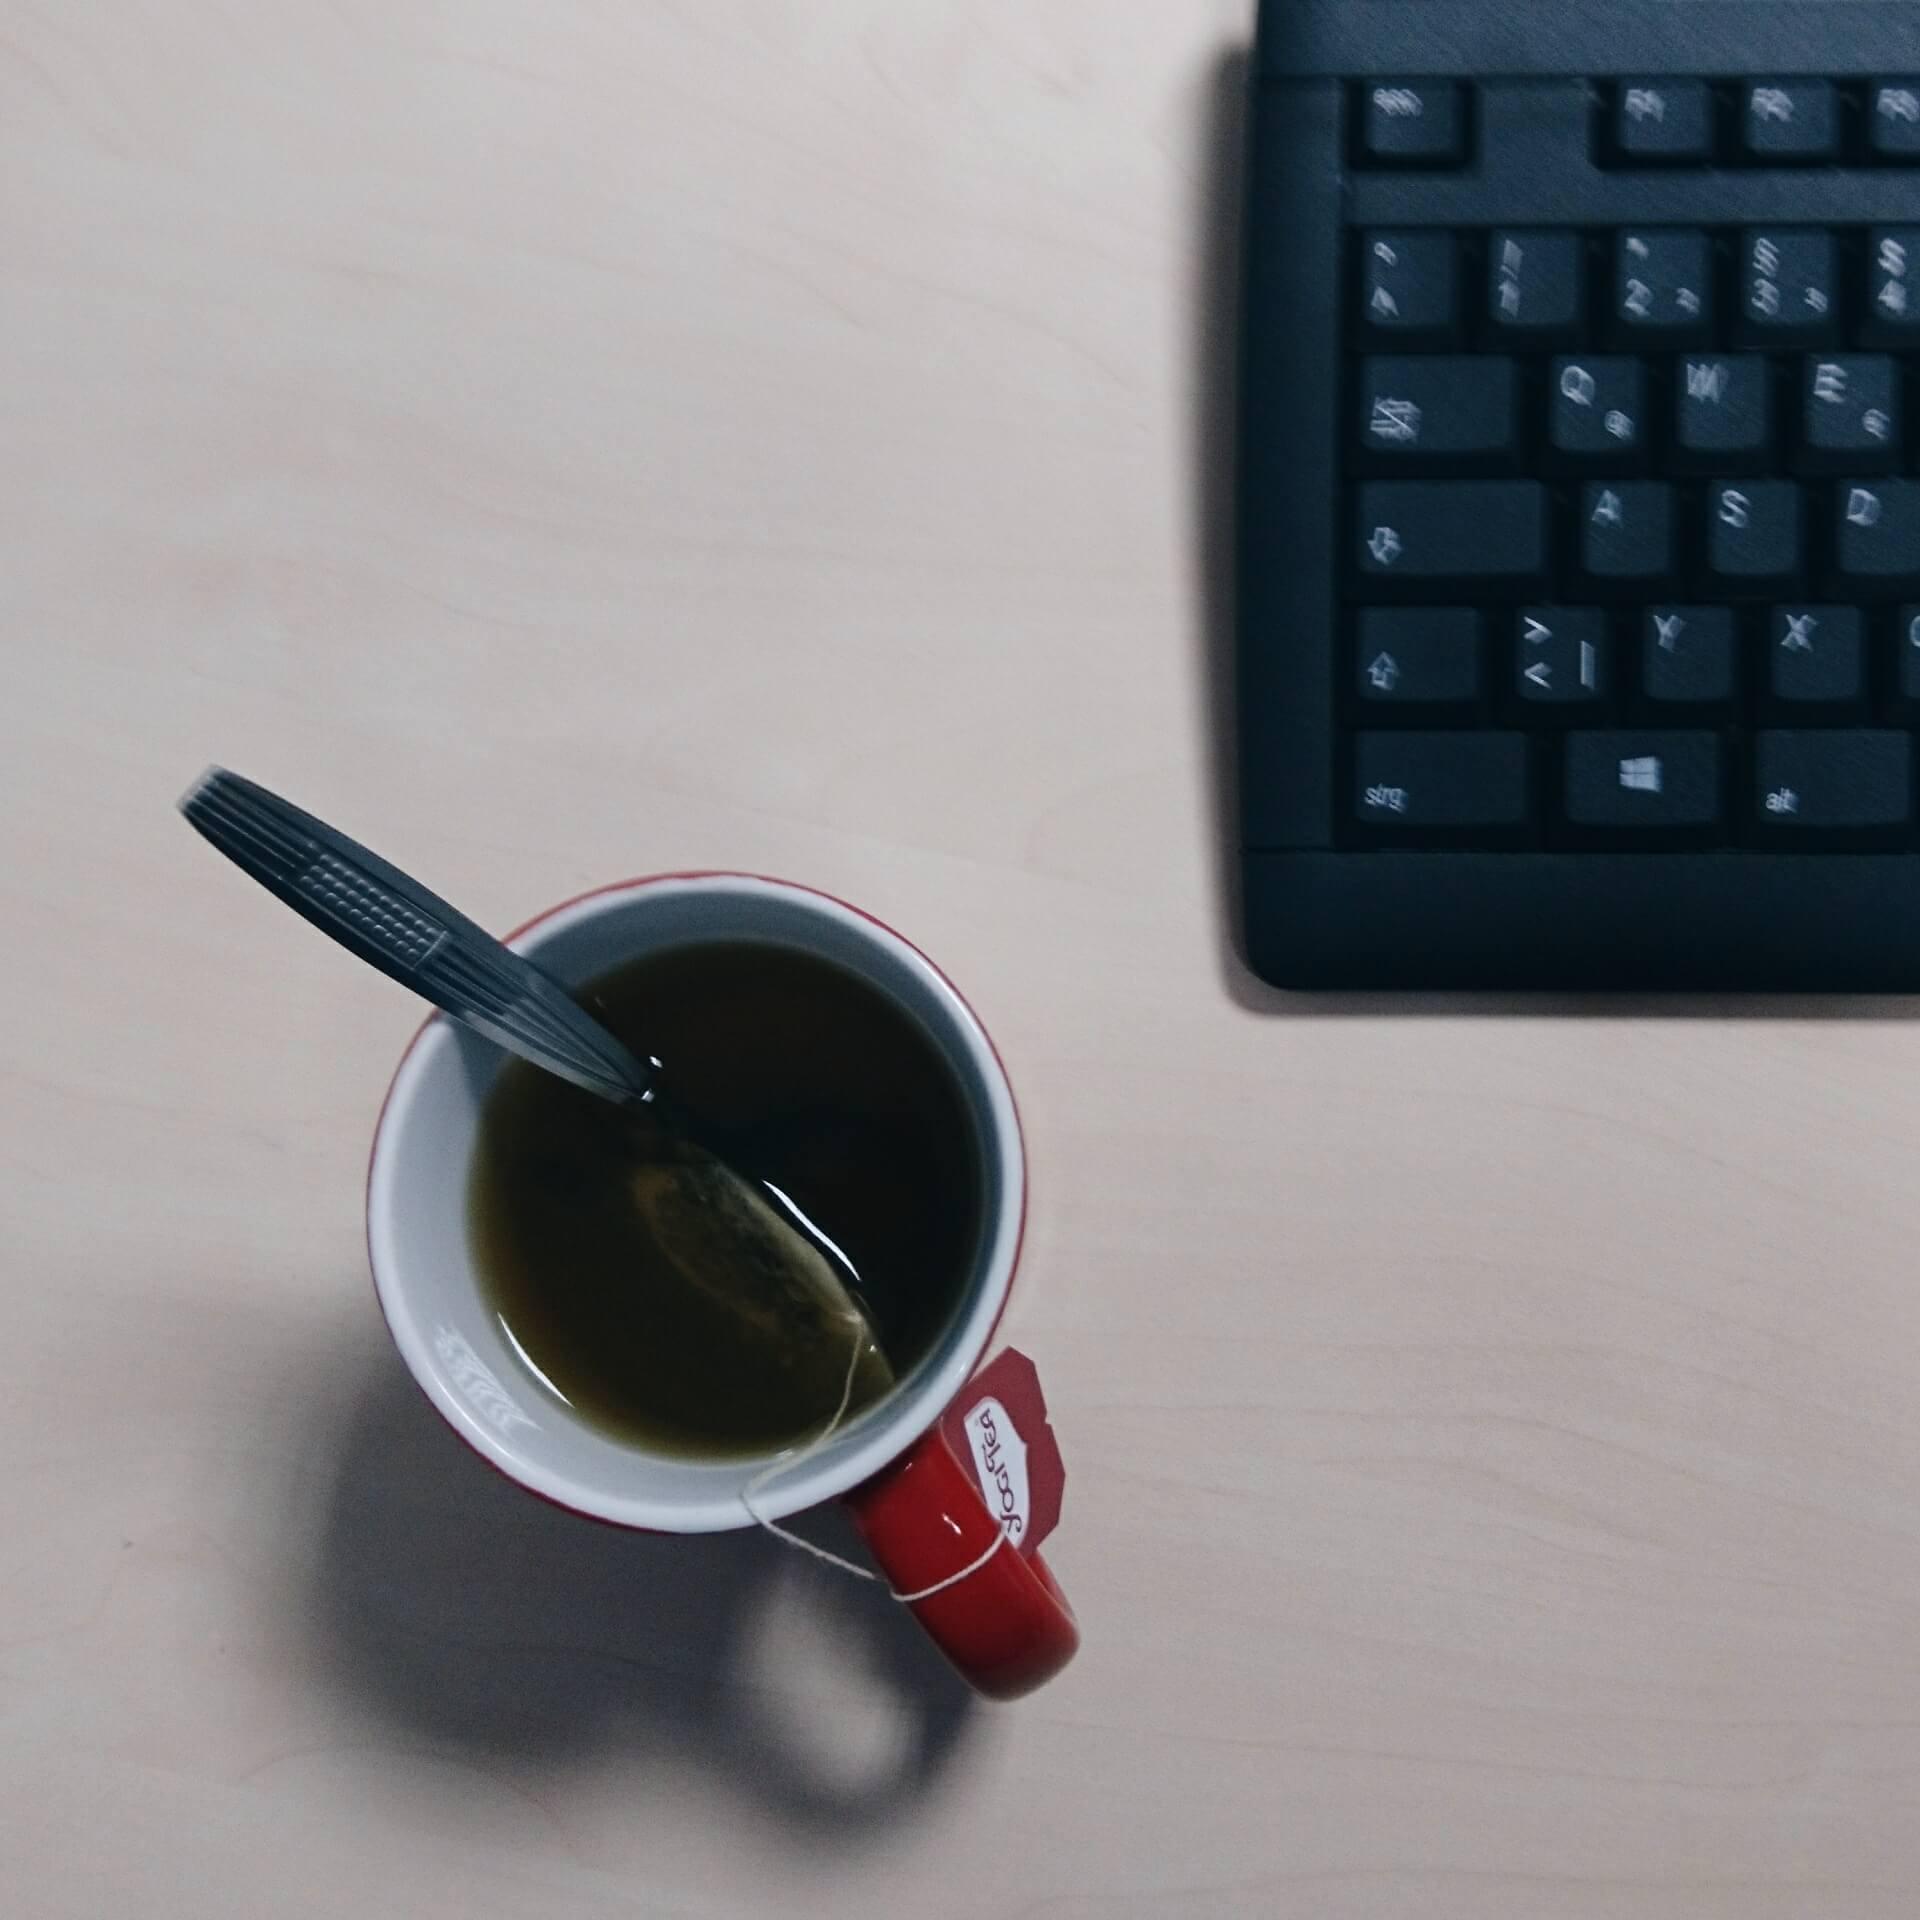 Tastatur und eine Tasse mit Tee